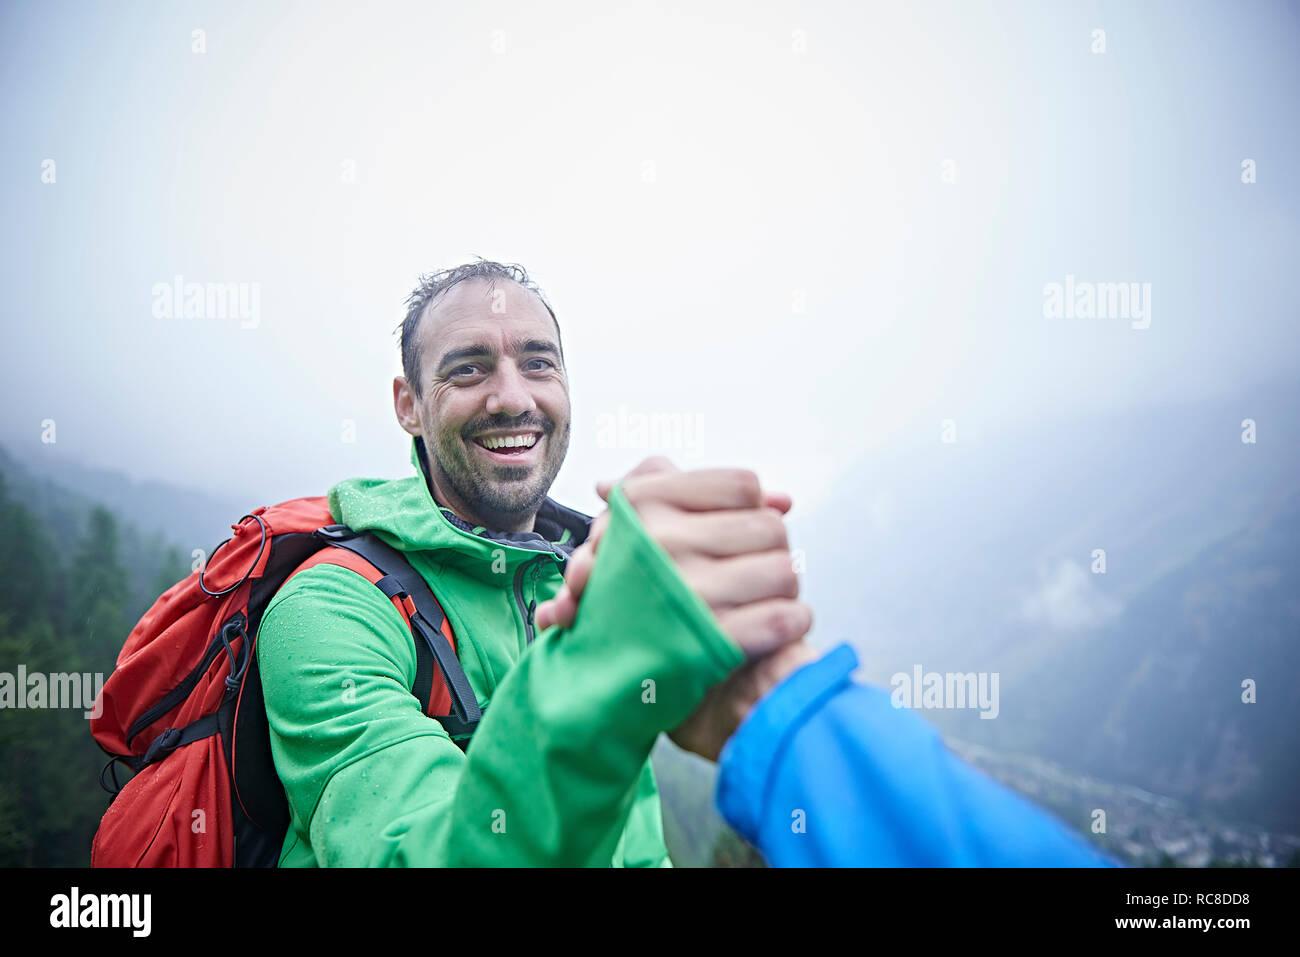 Les randonneurs se félicitant, Mont Cervin, Matterhorn, Valais, Suisse Banque D'Images